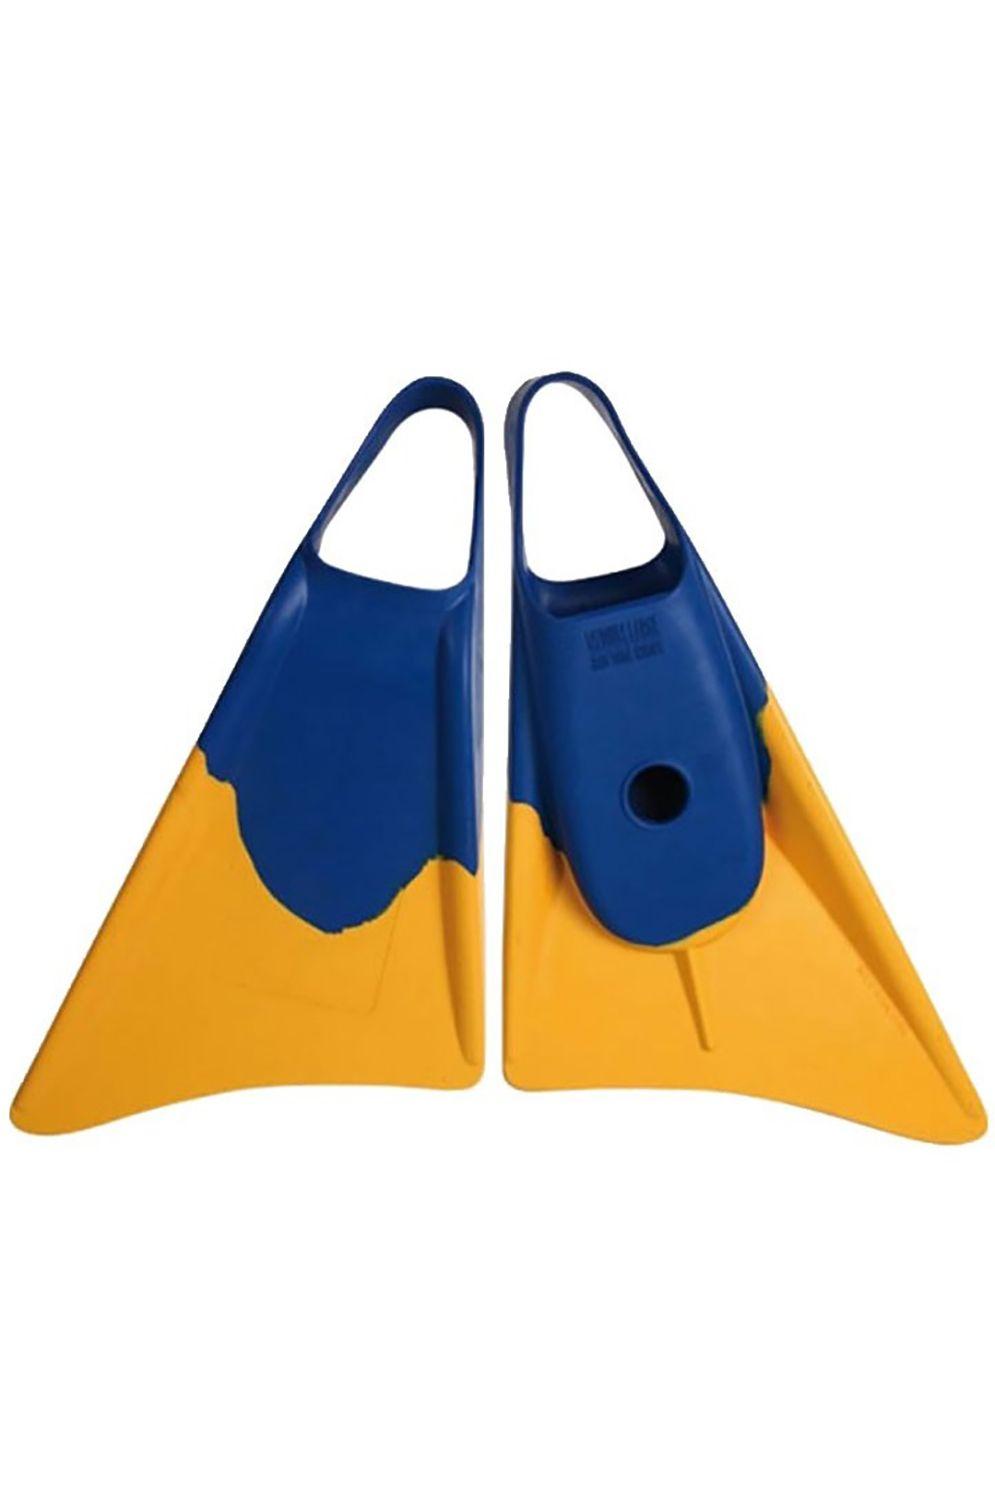 Pés-de-Pato Weapon SWINFINS Blue/Yellow